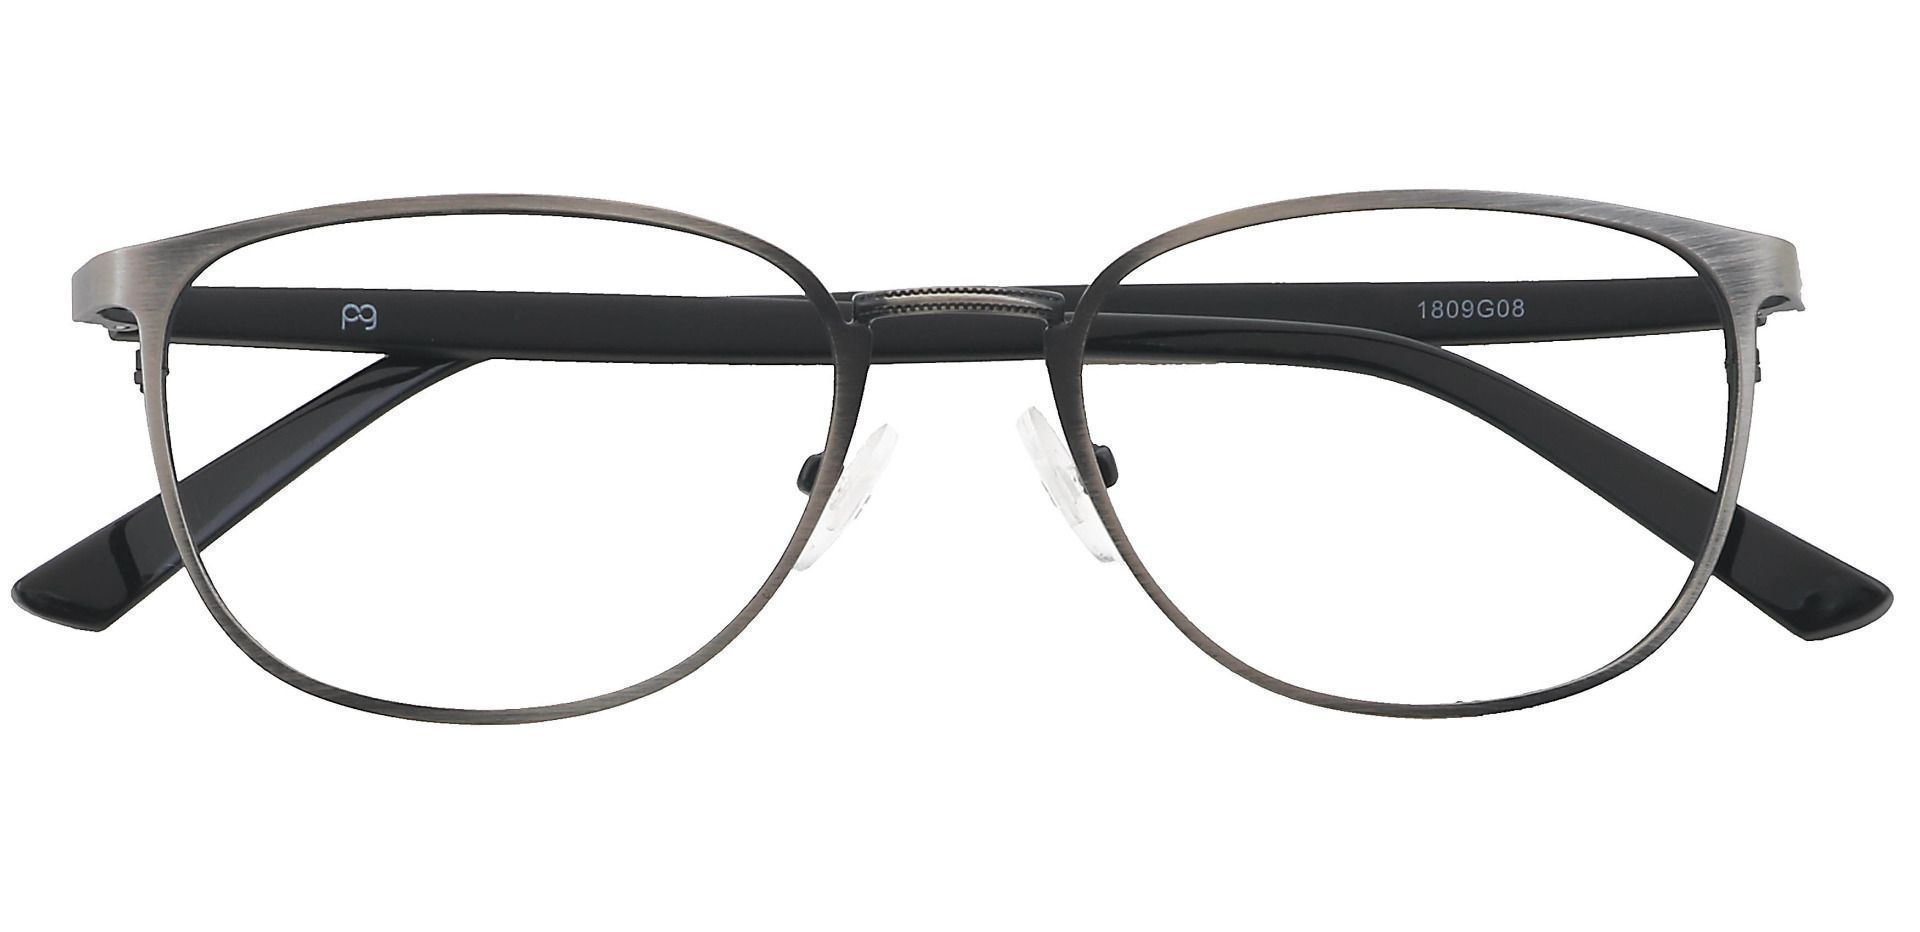 Sailor Square Blue Light Blocking Glasses - Gray